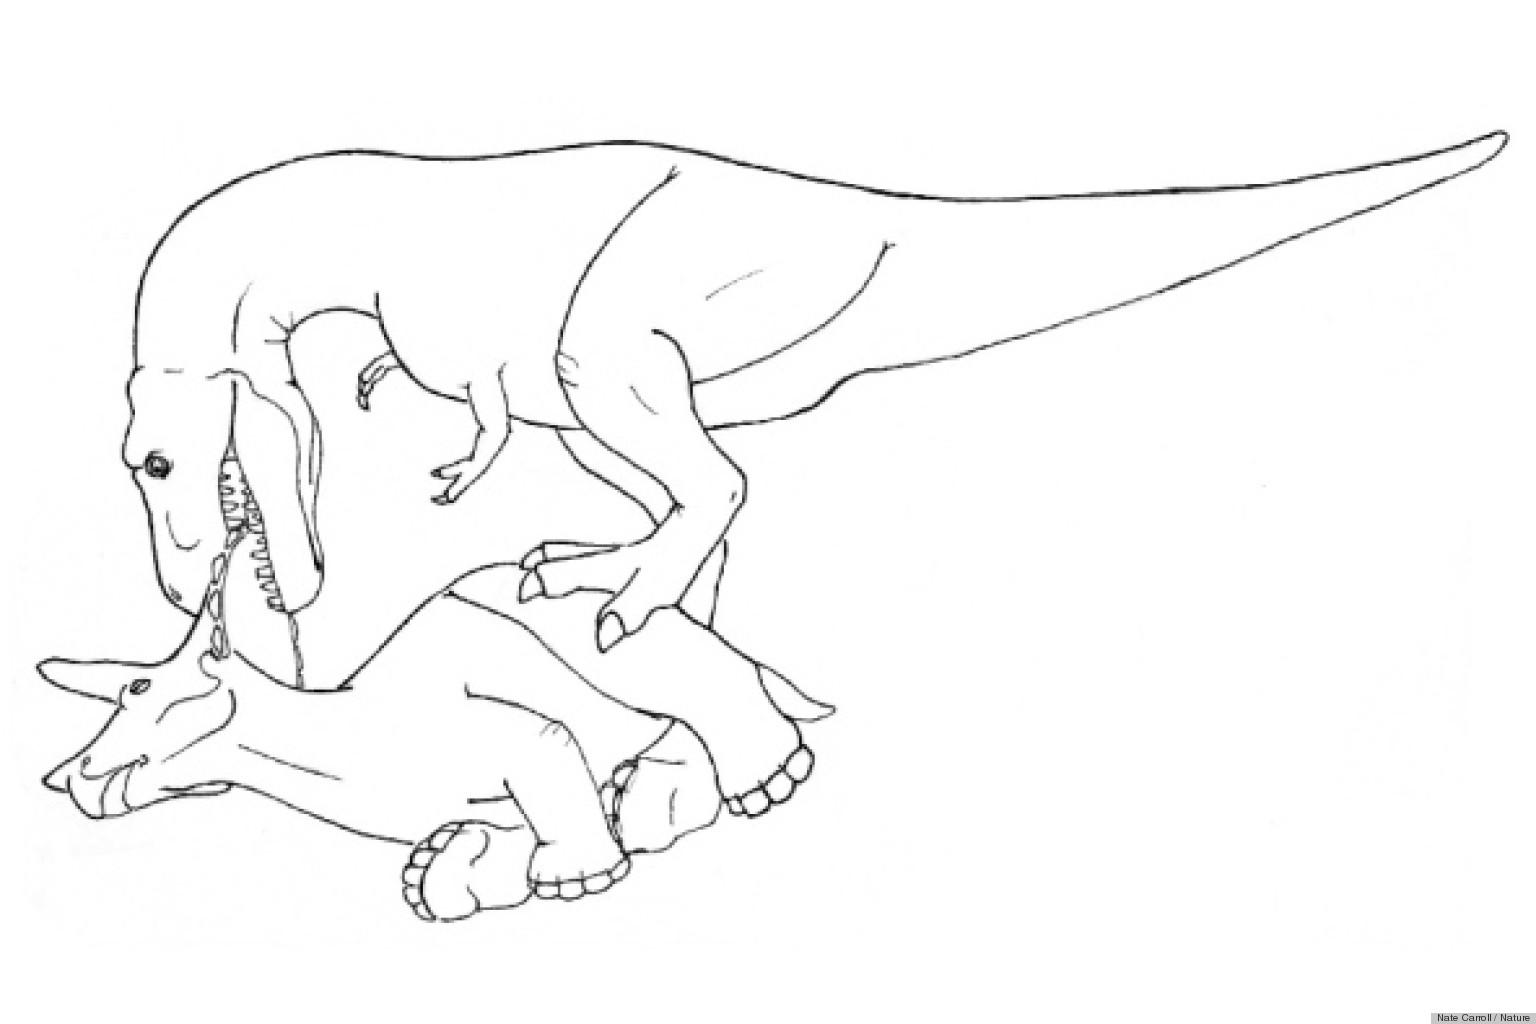 Dessin de t rex 9 - Dessin dinosaure t rex ...